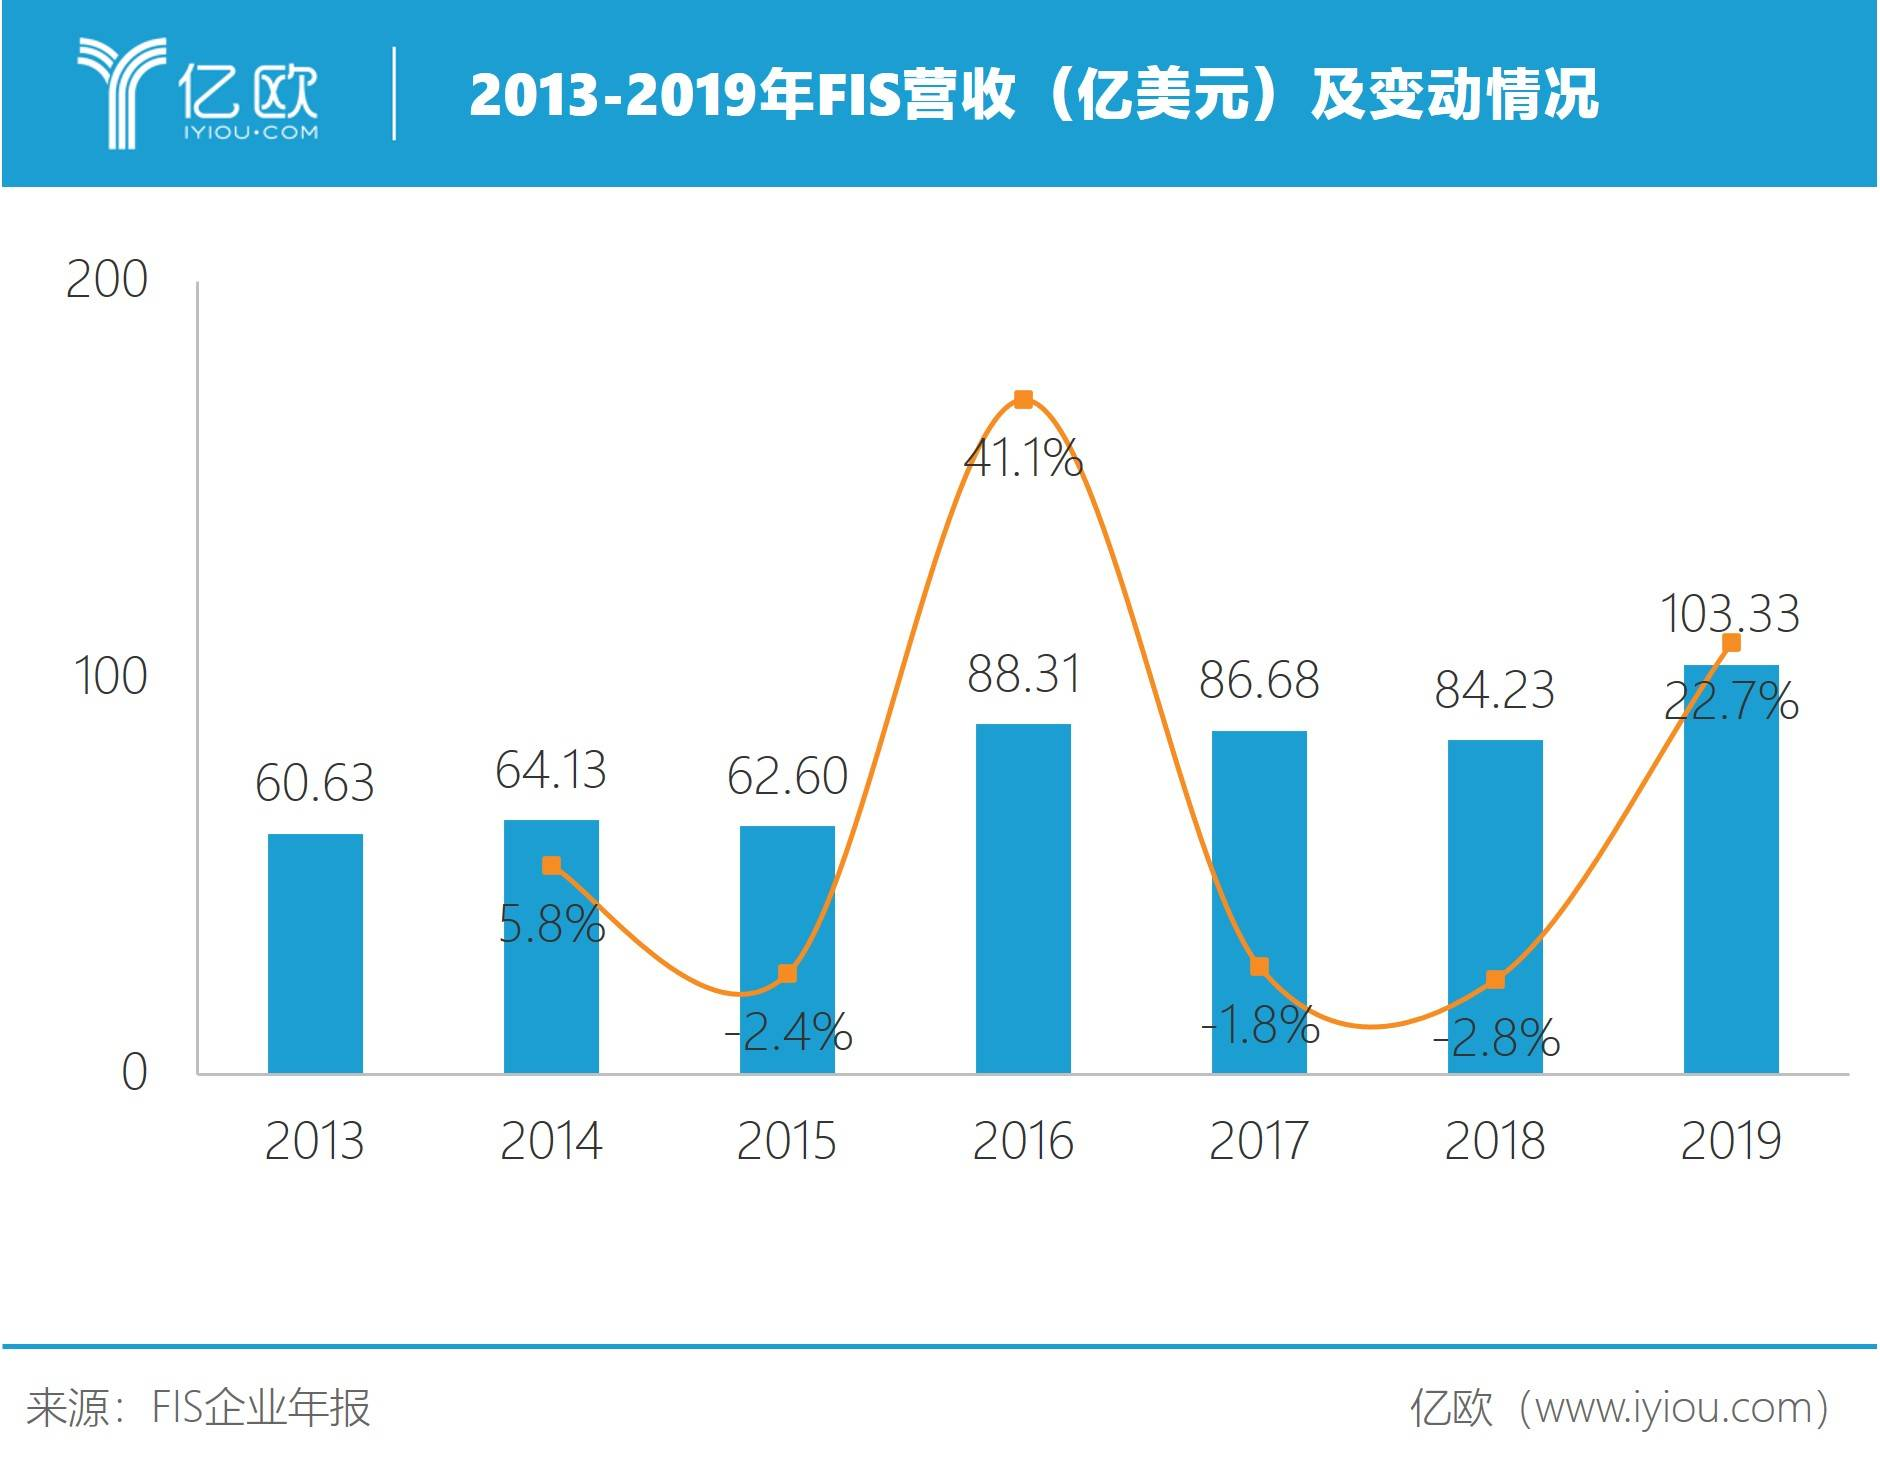 2013-2019年FIS营收(亿美元)及转折情况